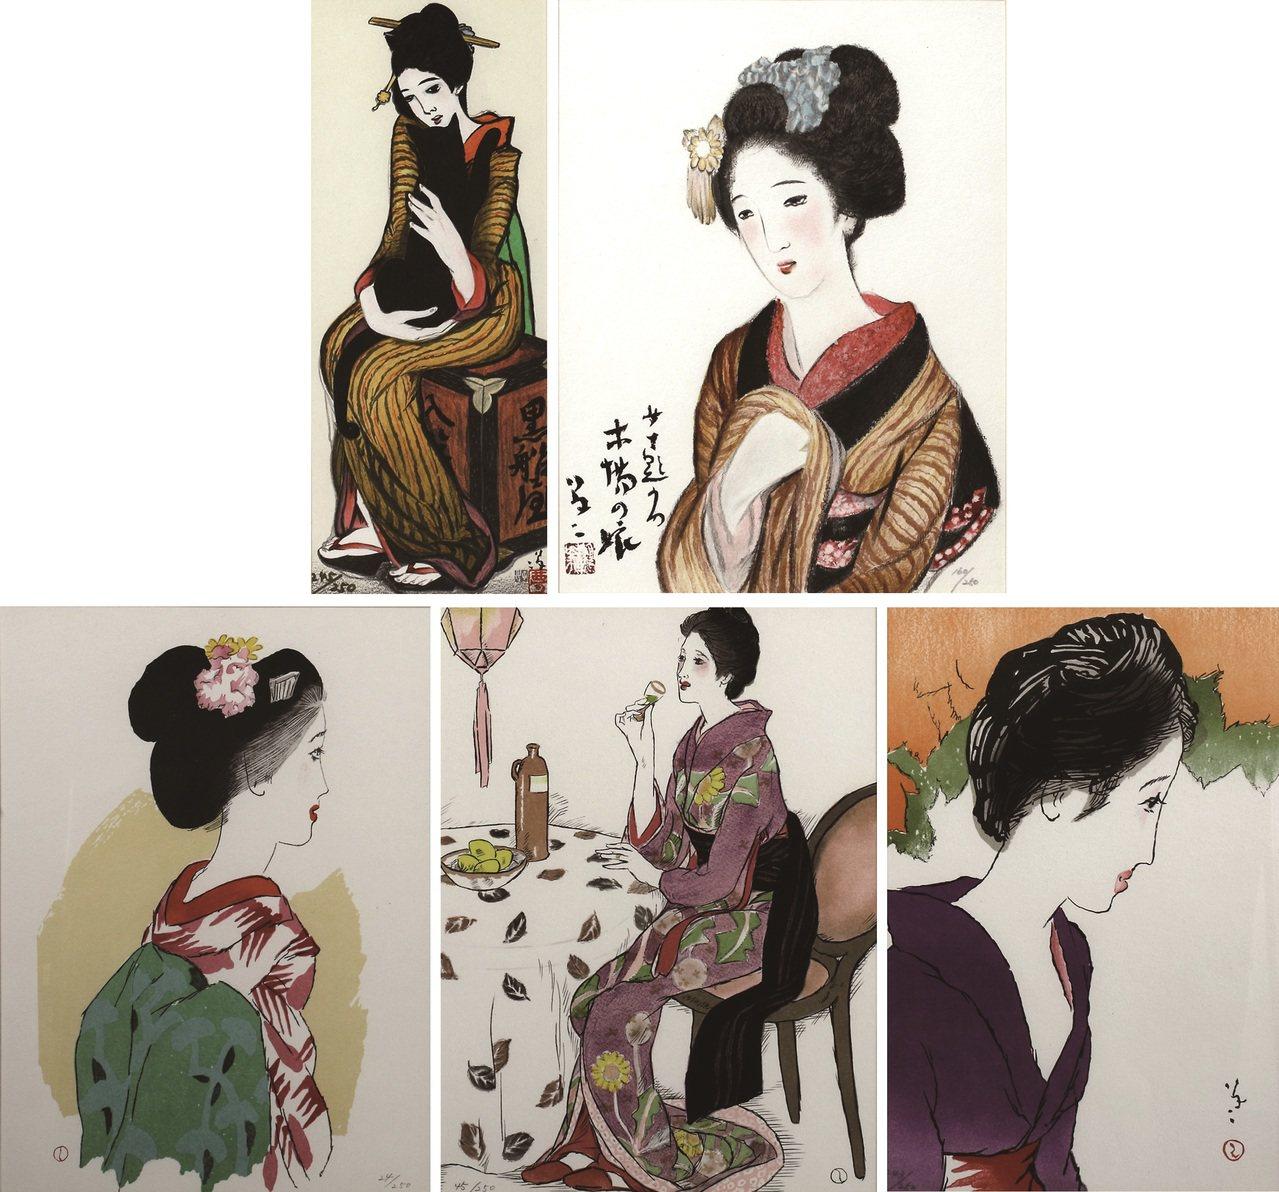 日本竹久夢二的現代仕女浮世洋繪系列。圖/新象提供